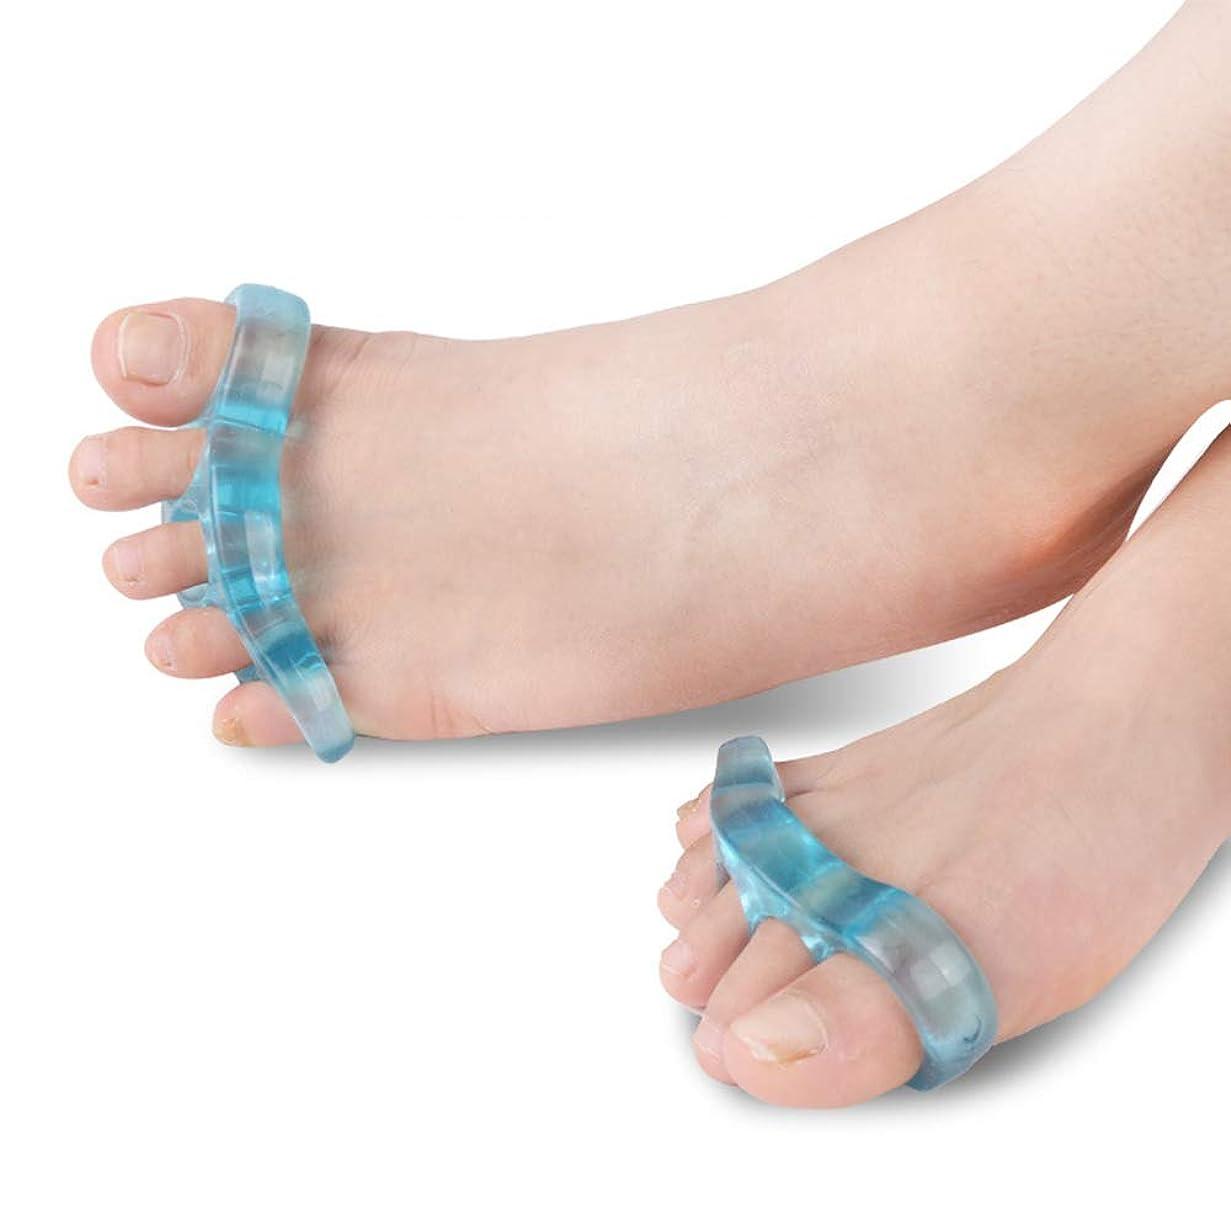 ラウズ毒性先つま先セパレーター5穴つま先反曲がり変形補正はヨガと運動後の痛みを和らげるために外反母趾スリッパを防ぎます,L